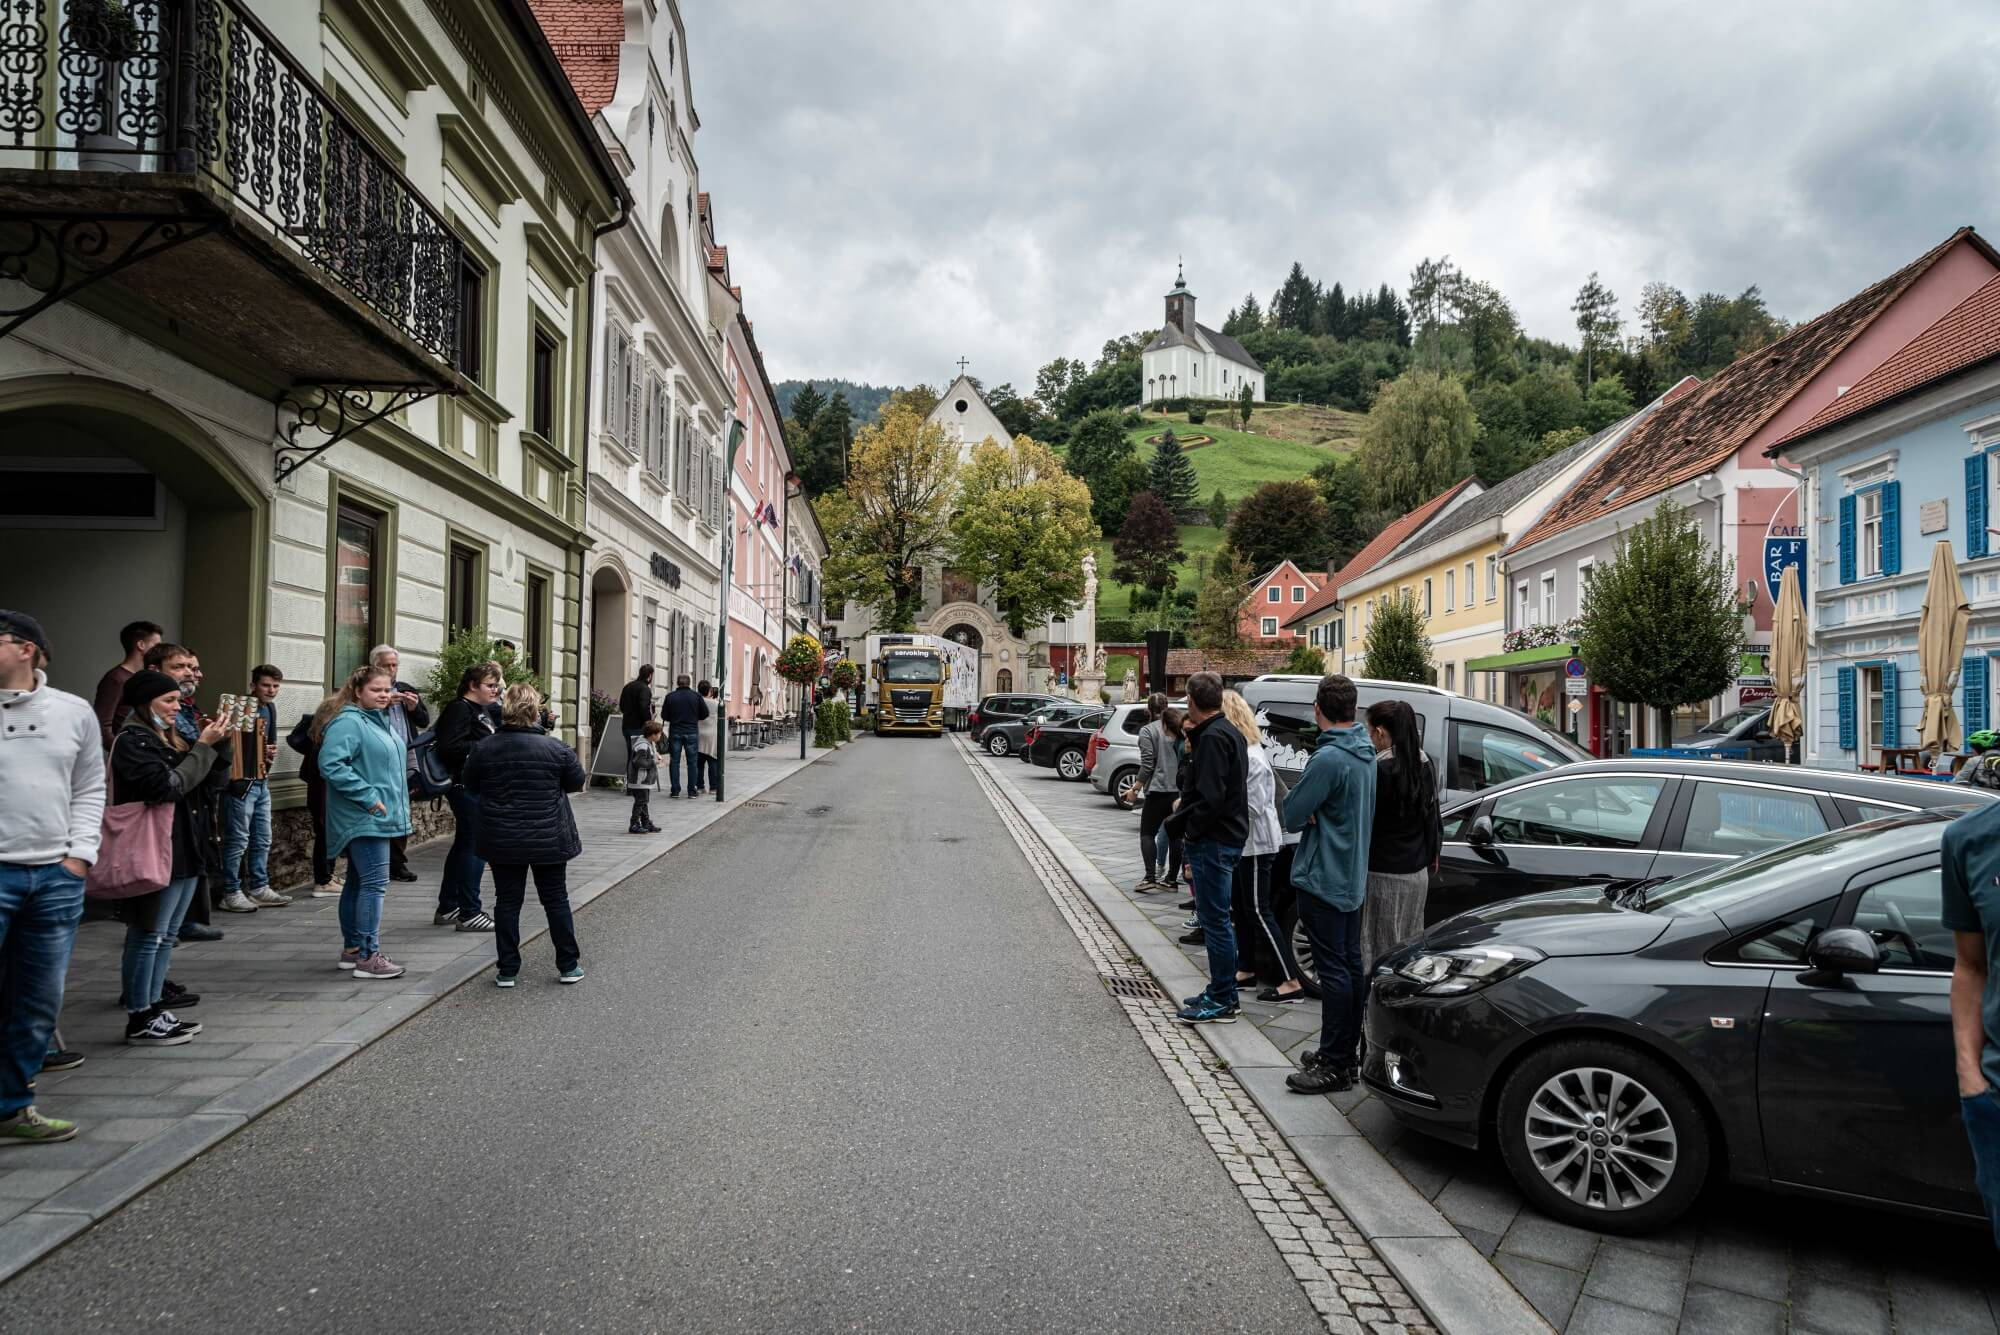 Der Sattelschlepper mit dem Sieger-Motiv fährt auf dem Hauptplatz von Schwanberg ein.